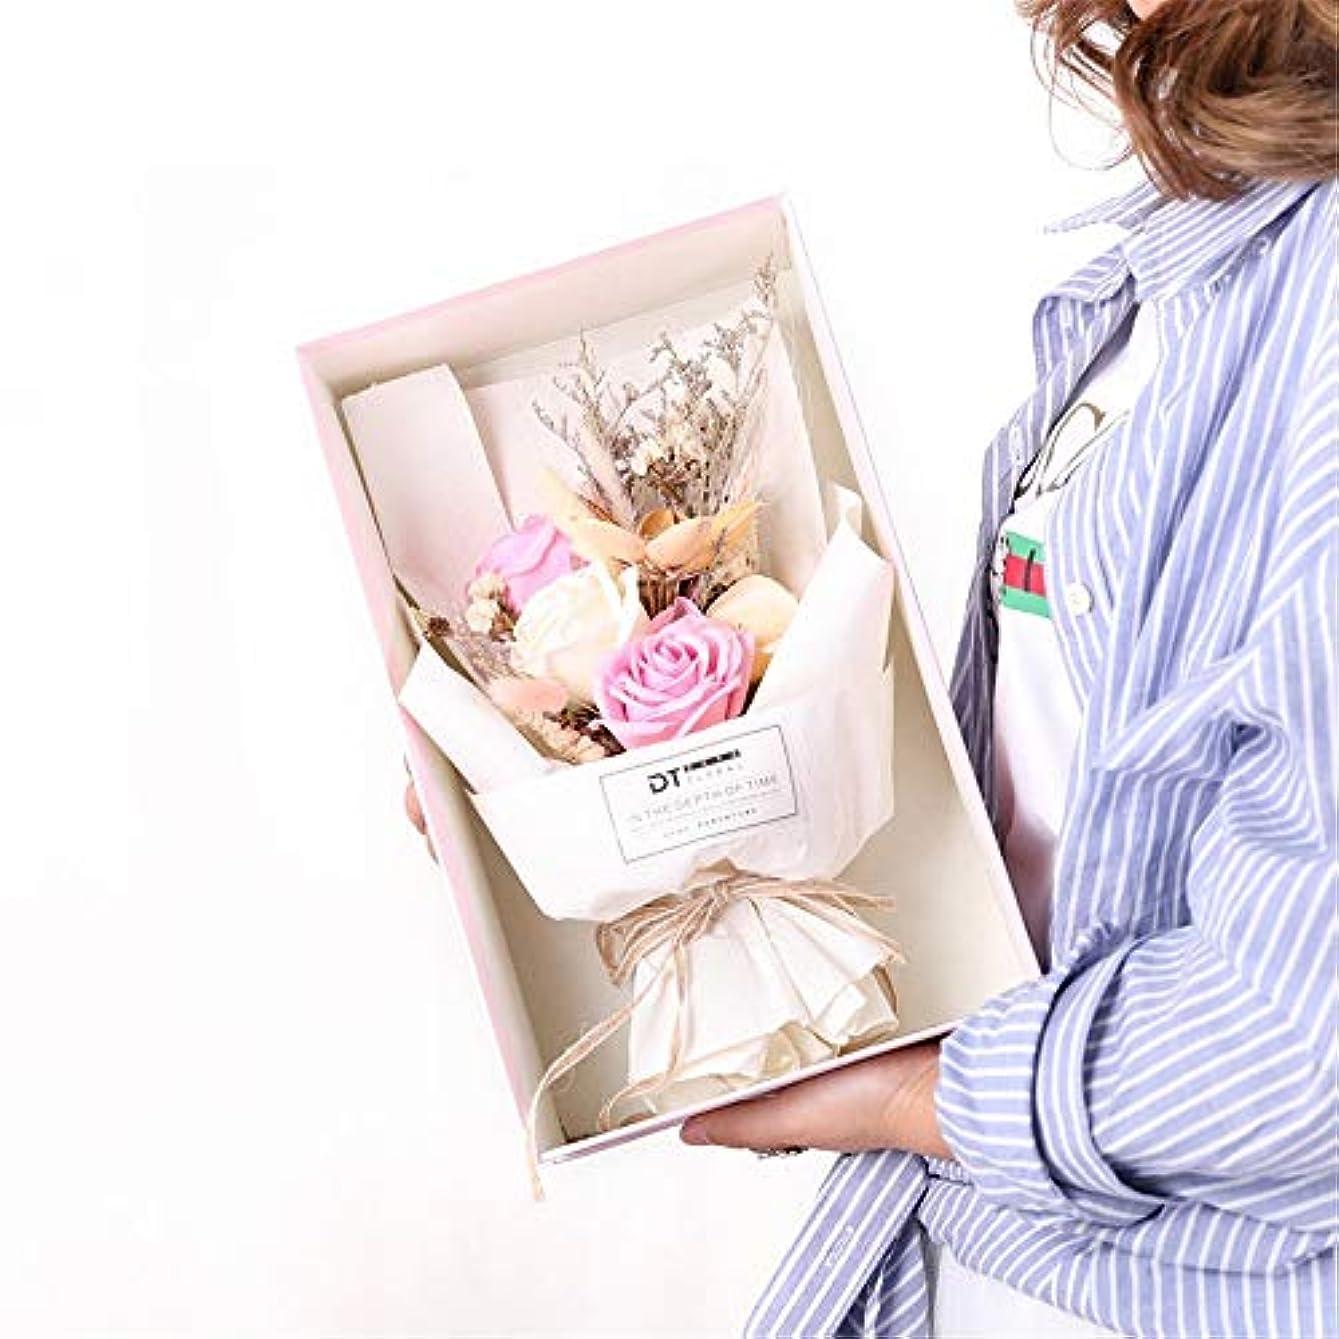 独立堂々たるから手作りのバラ石鹸フラワーブーケのギフトボックス、女性のためのギフトバレンタインデー、母の日、結婚式、クリスマス、誕生日を愛した女の子 (色 : ピンク)